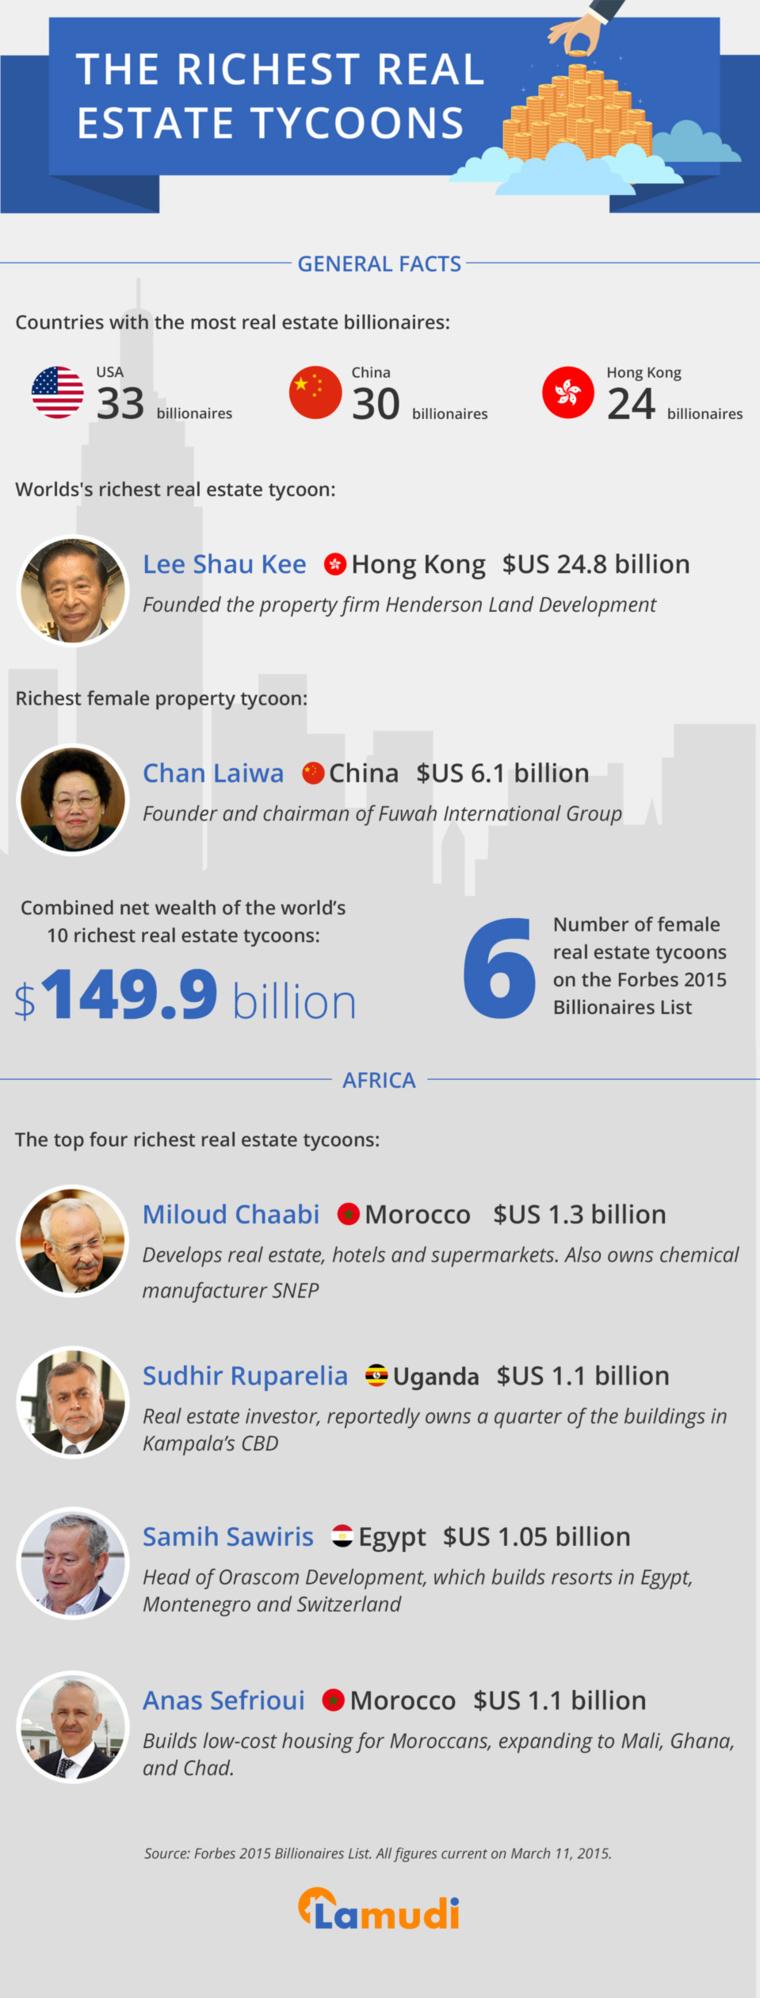 Les plus riches magnats africains de l'immobilier